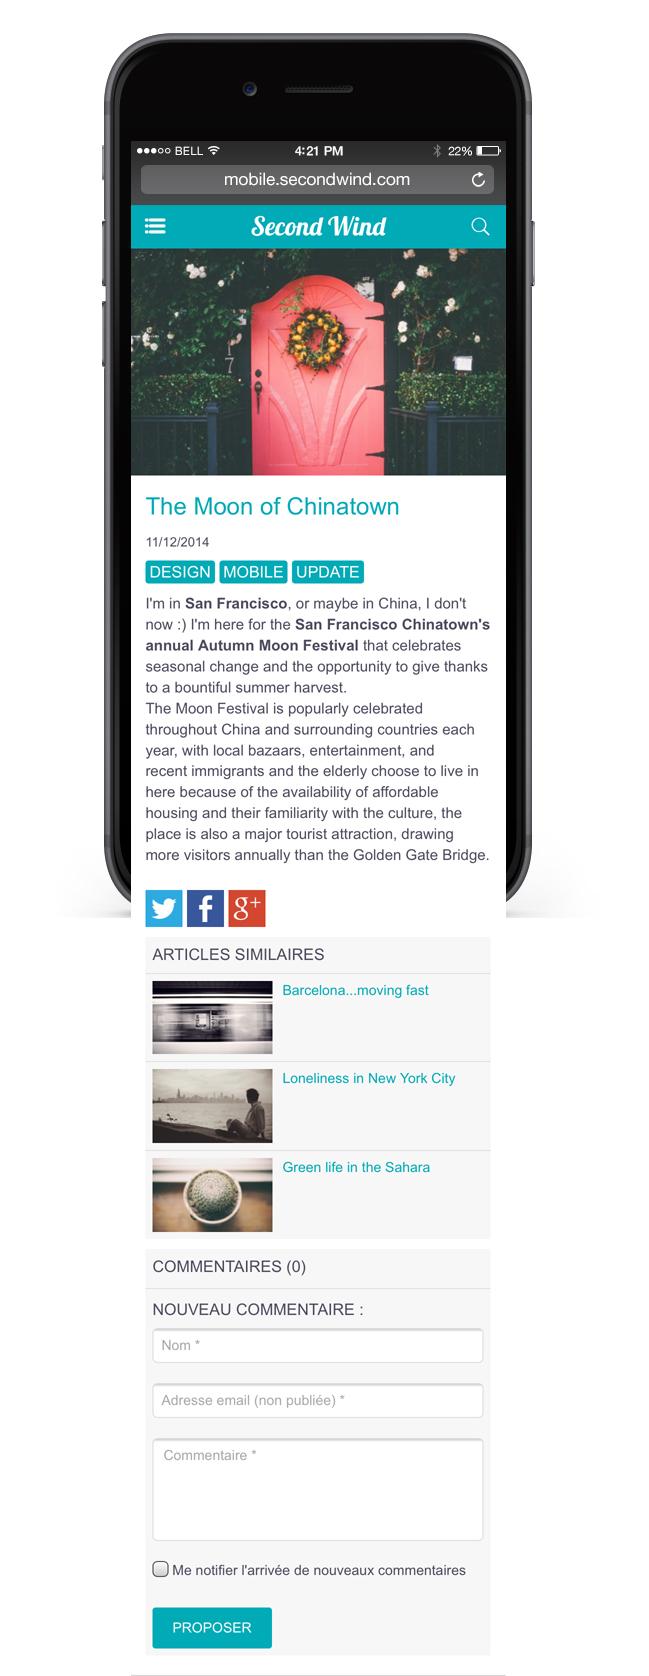 Nouvelle page Article / Video